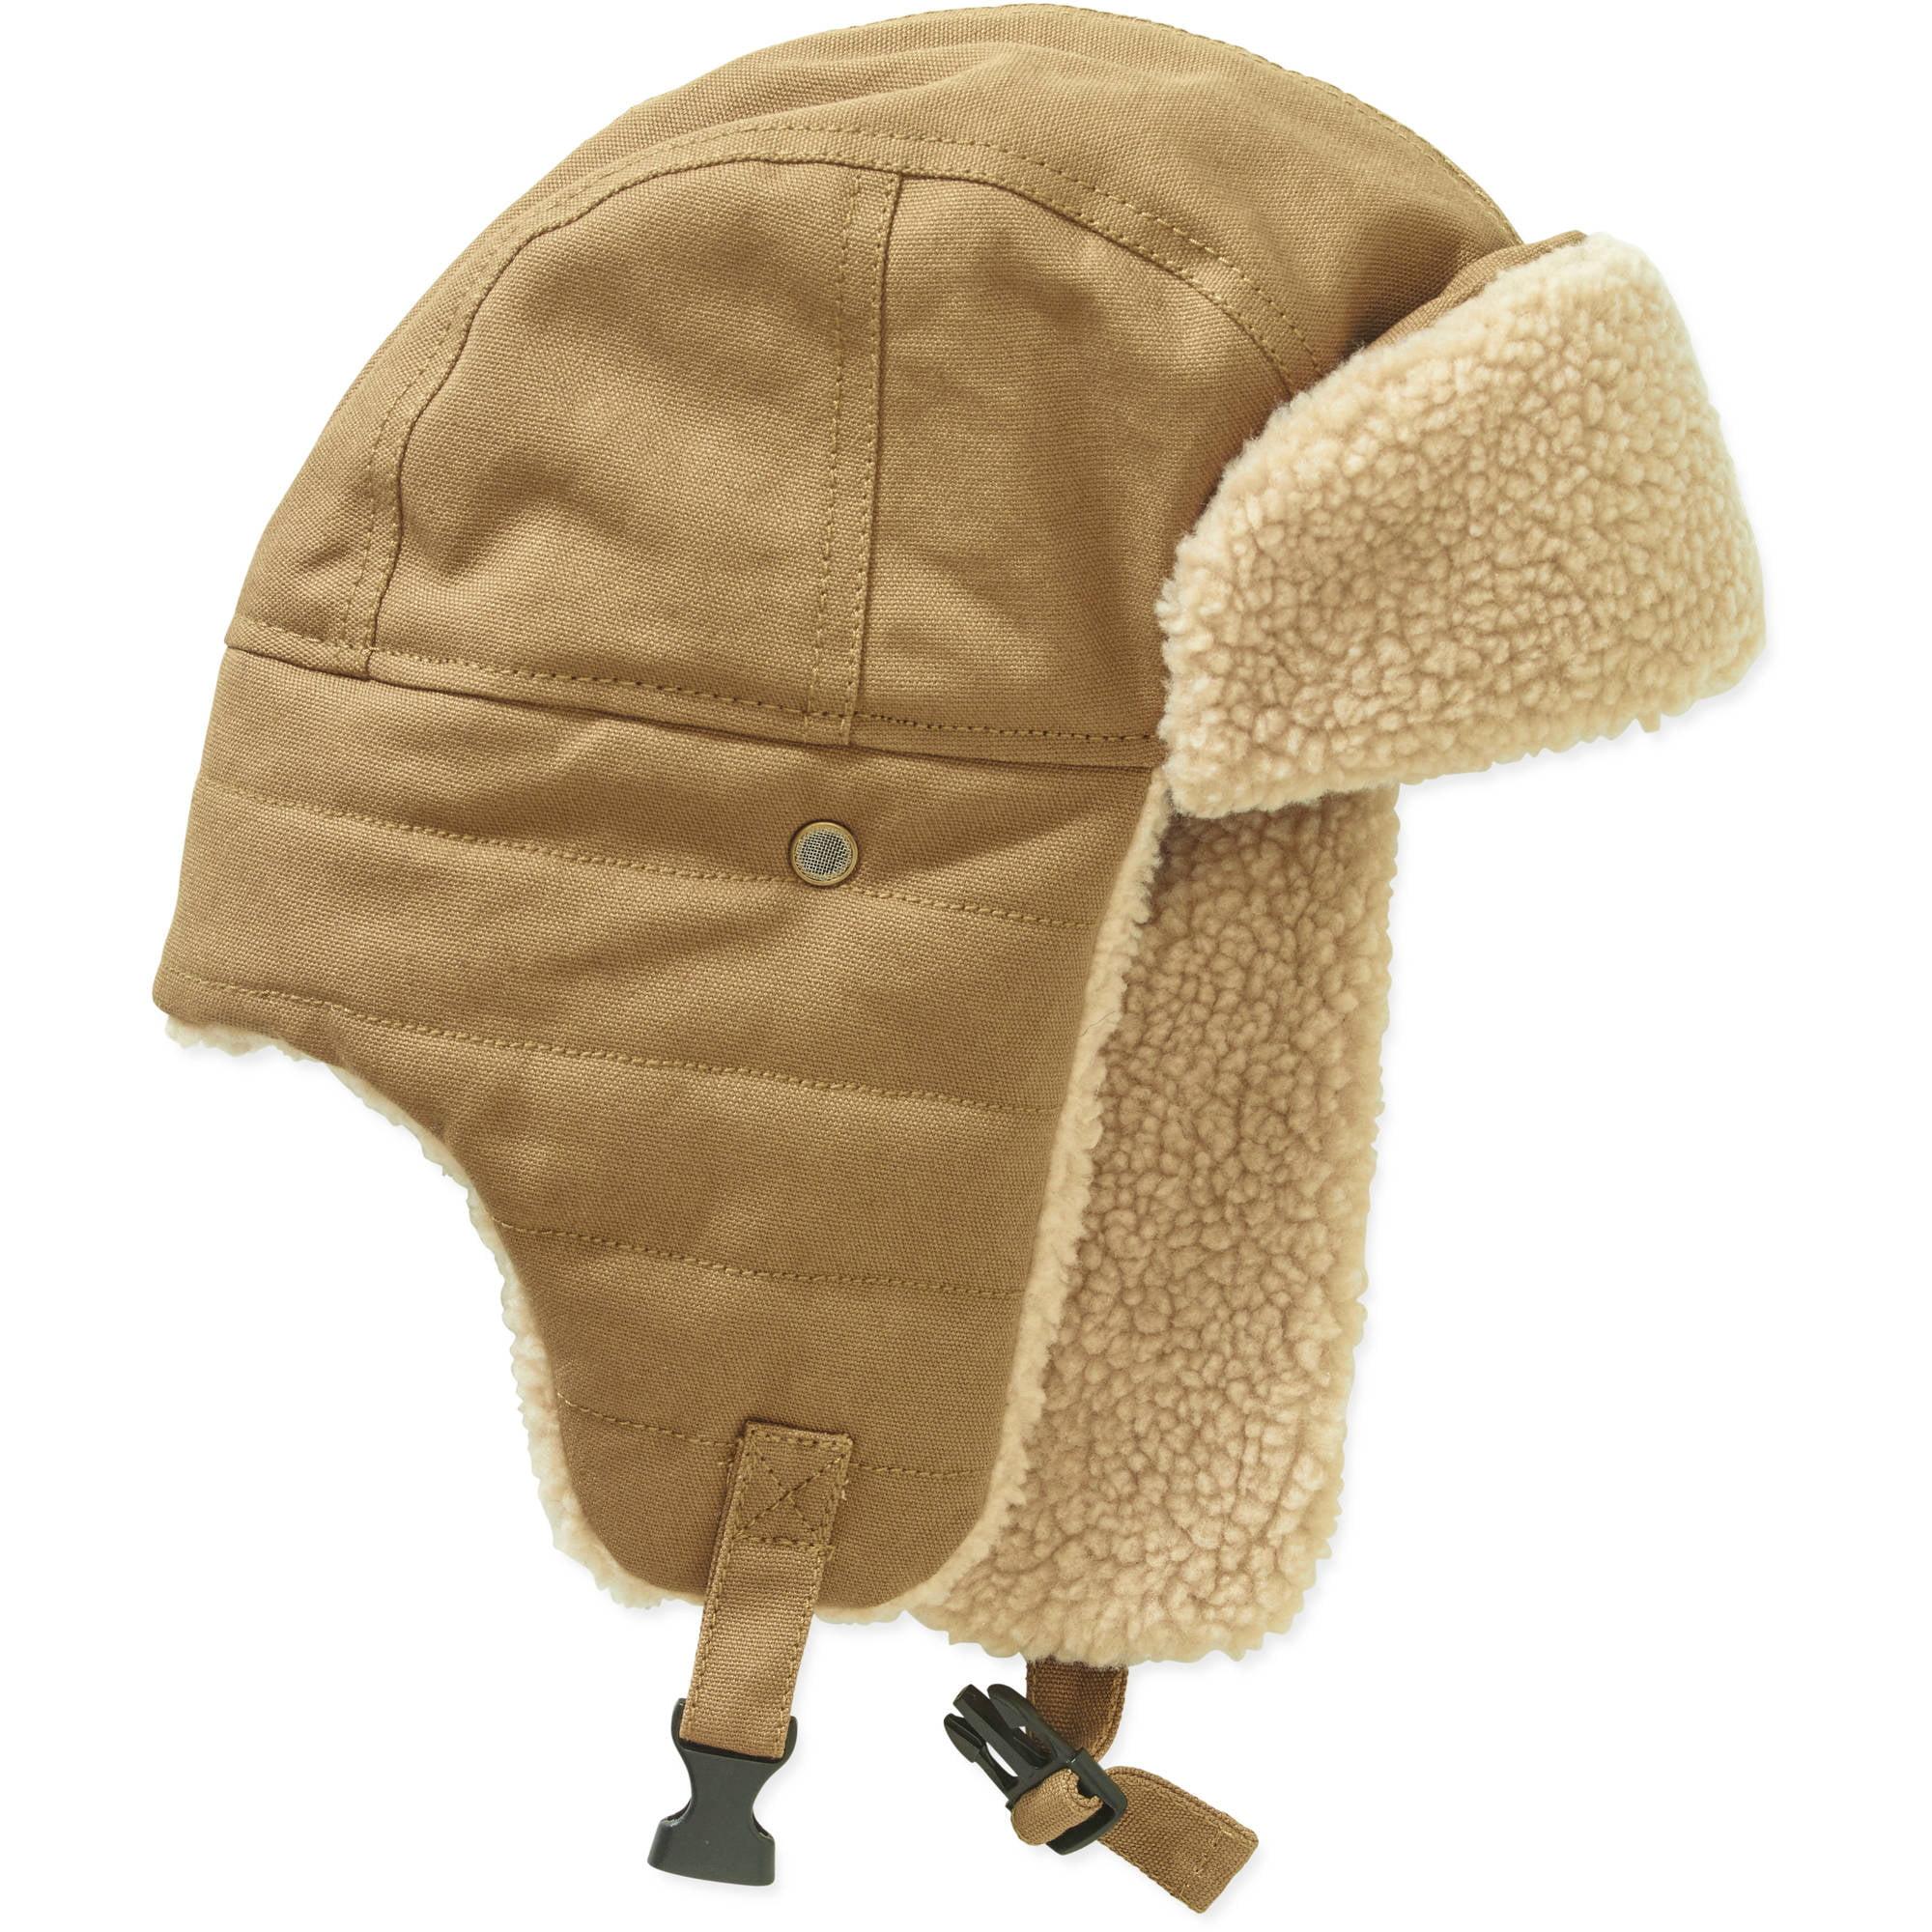 Men s Canvas Trapper Hat - Walmart.com dde3775fe4c